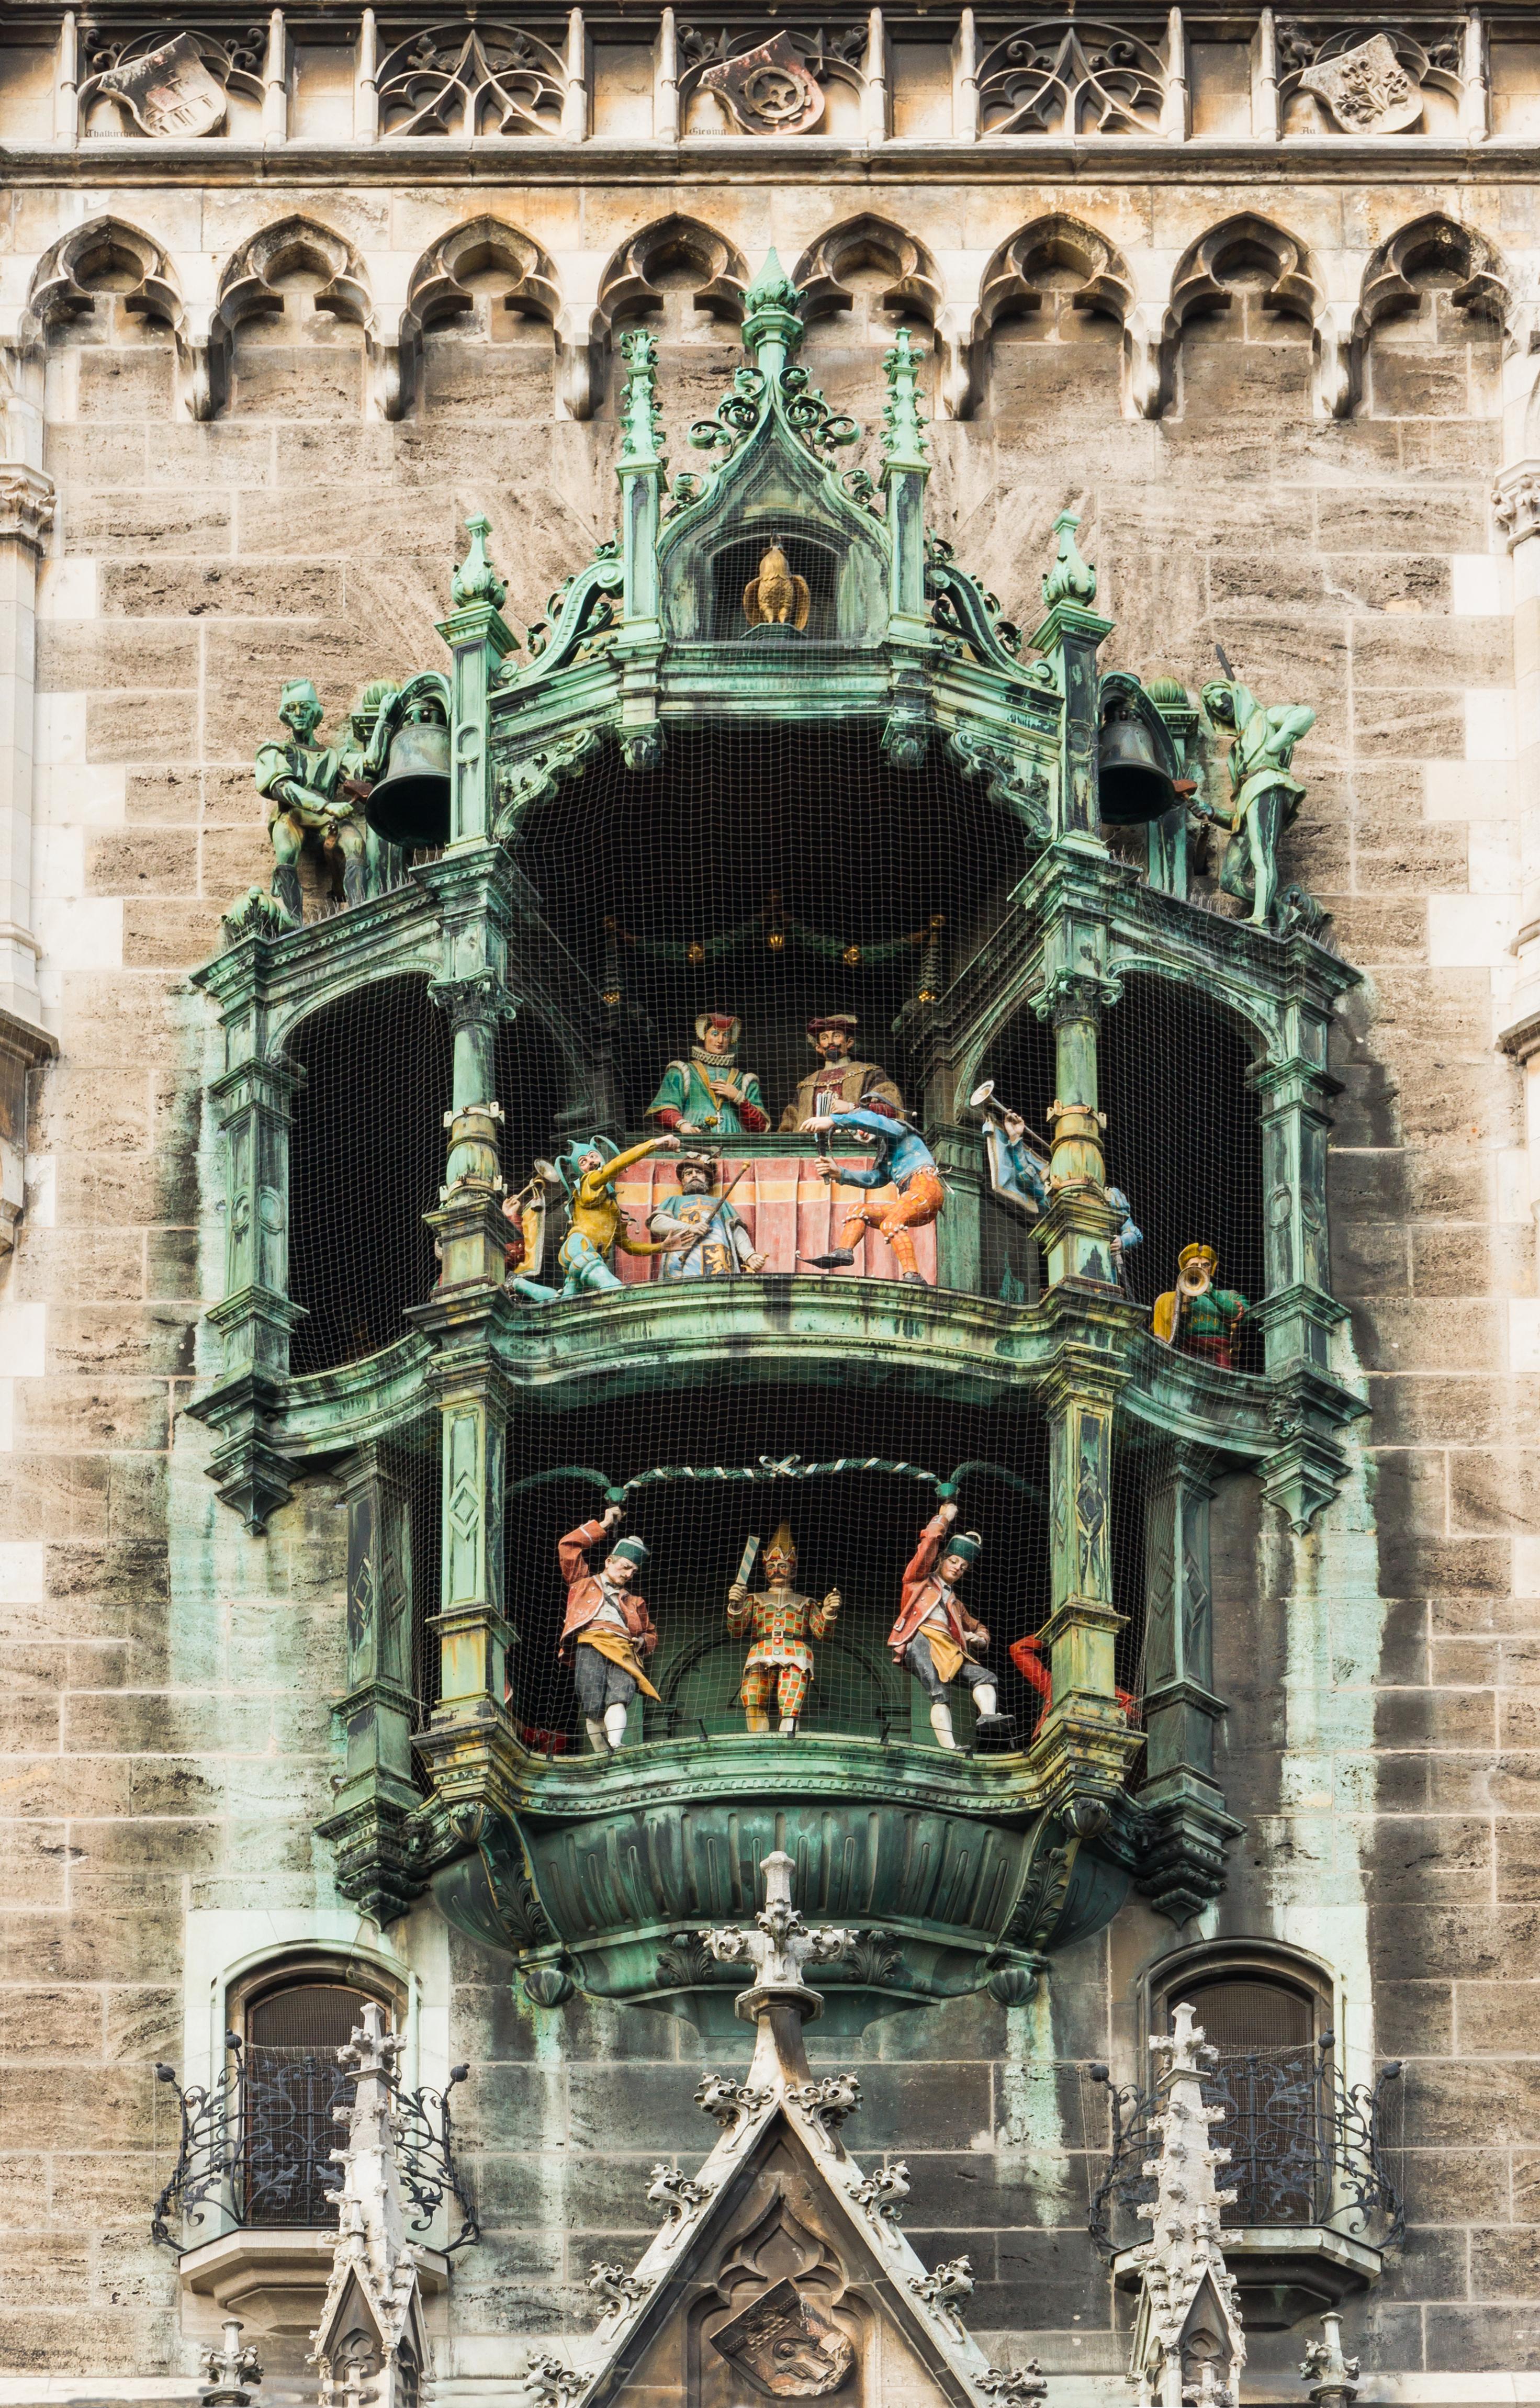 Il Glockenspiel il carillon della torre dell orologio del Neues Rathaus Nuovo Municipio situato in Marienplatz